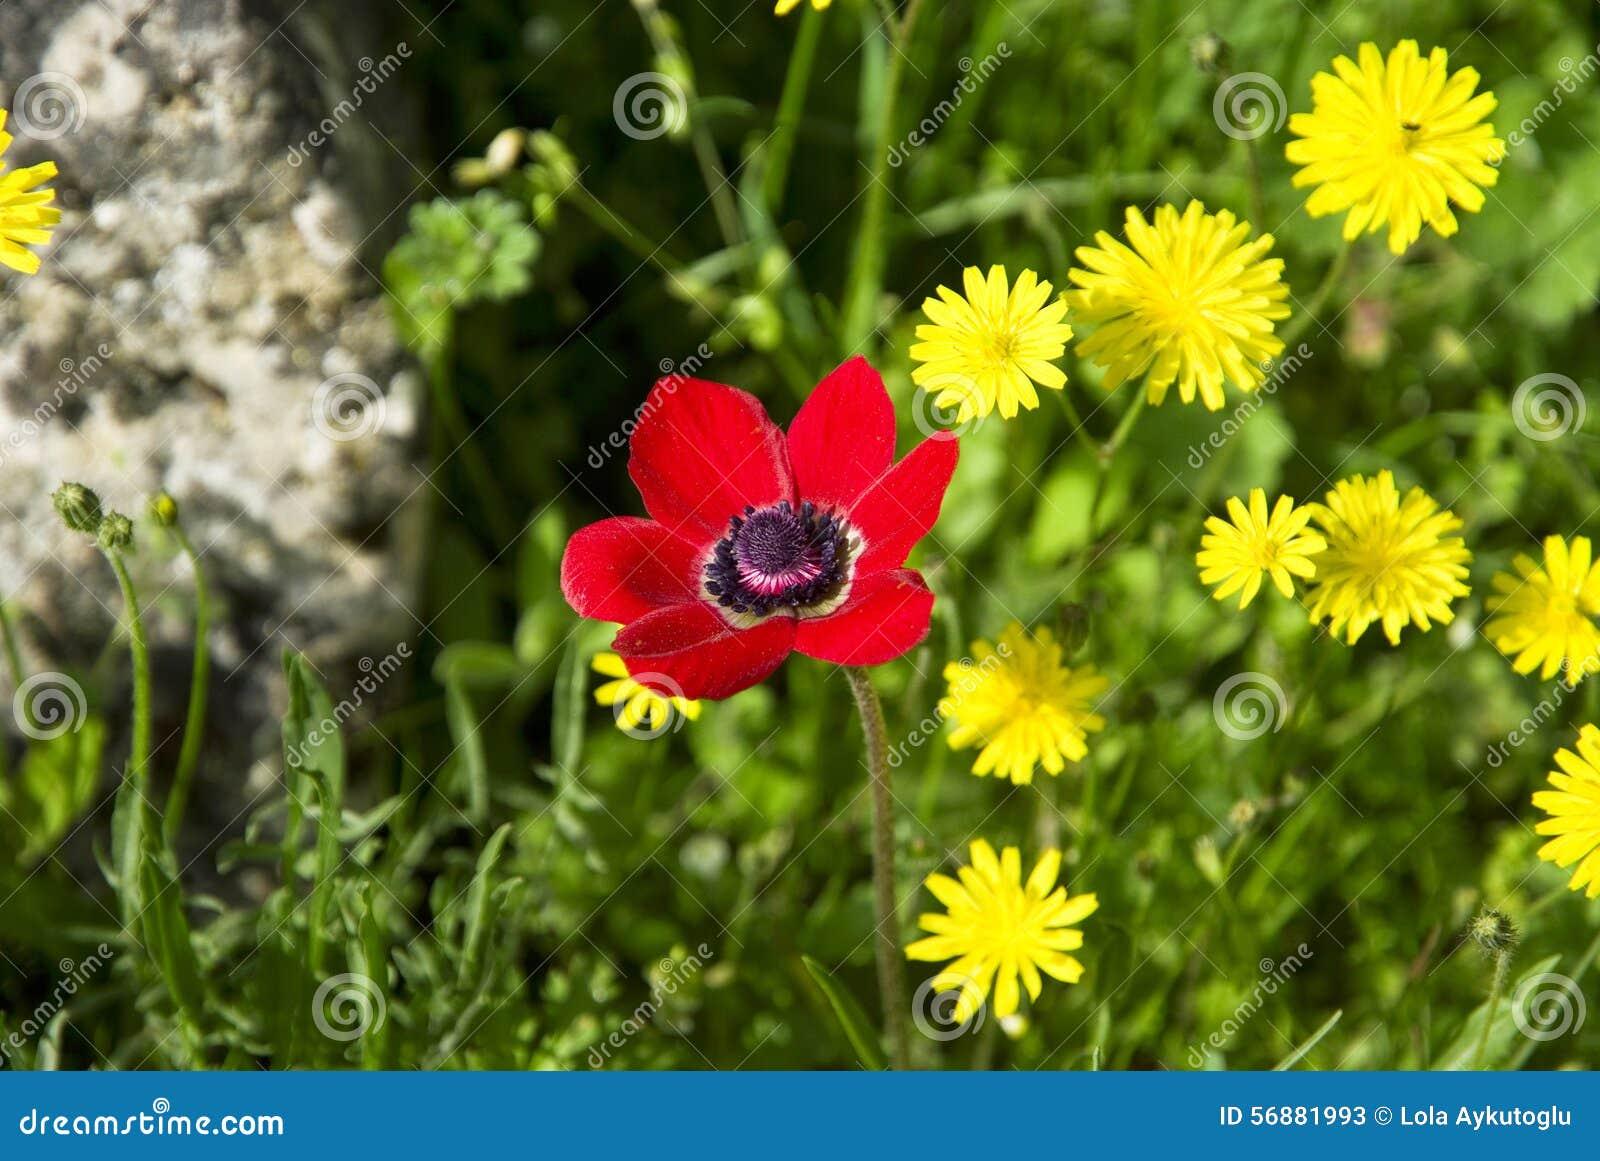 Rosso con i fiori gialli